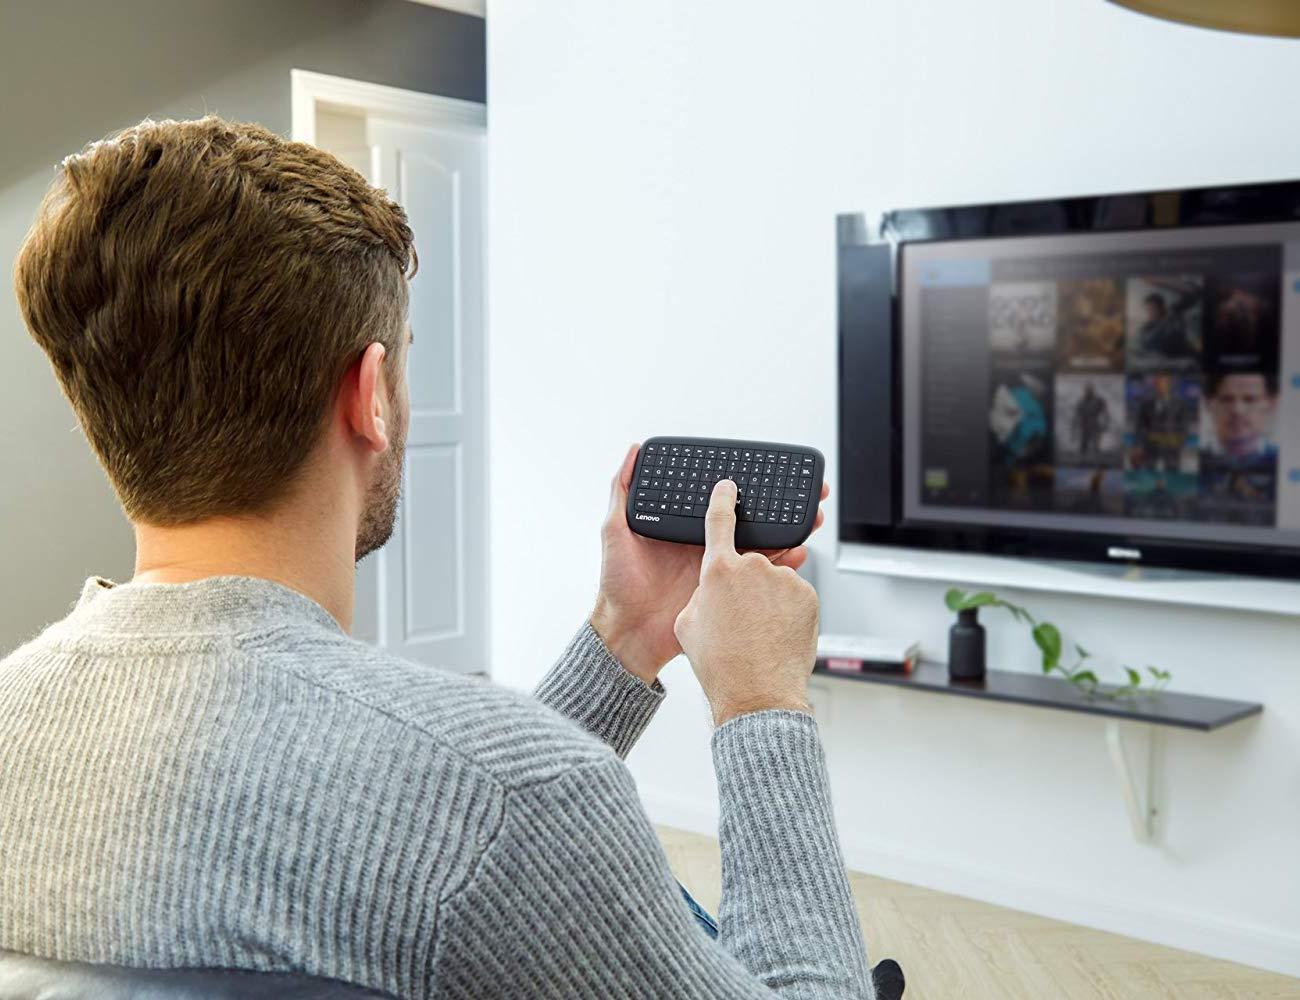 Lenovo 500 Windows Multimedia Controller